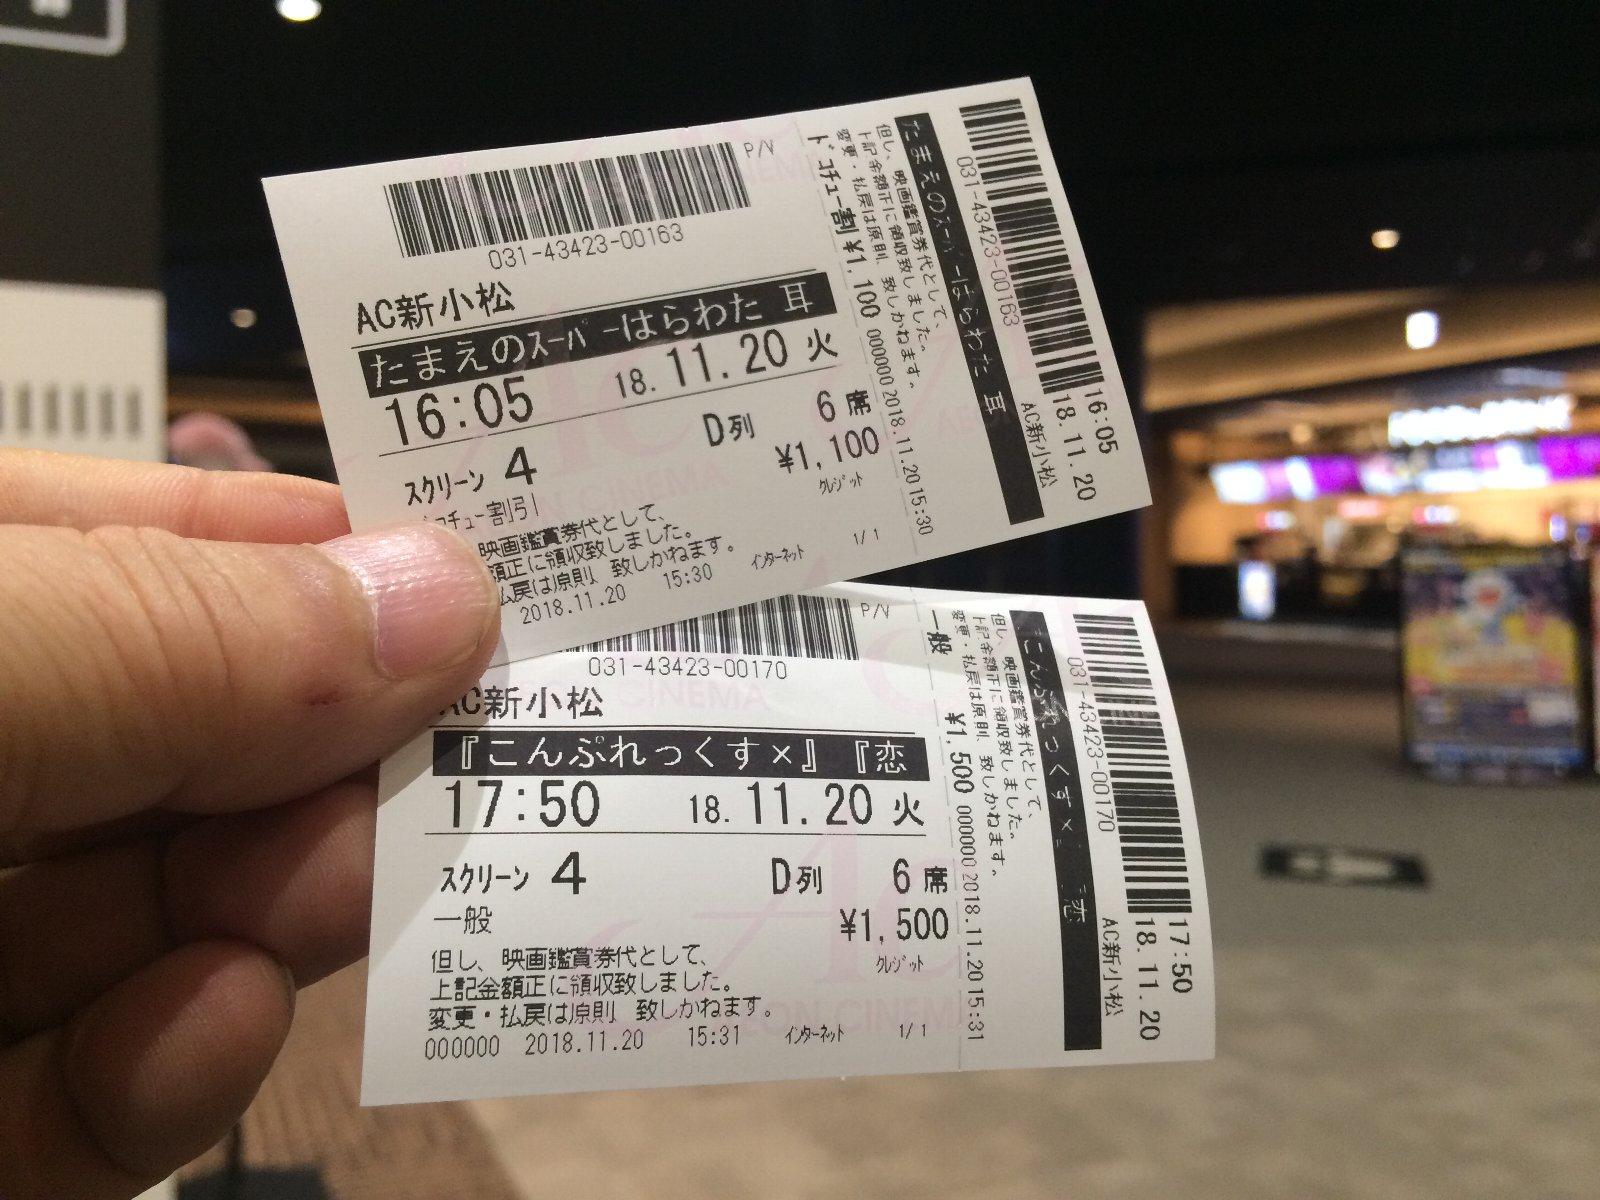 20181120 チケット2枚